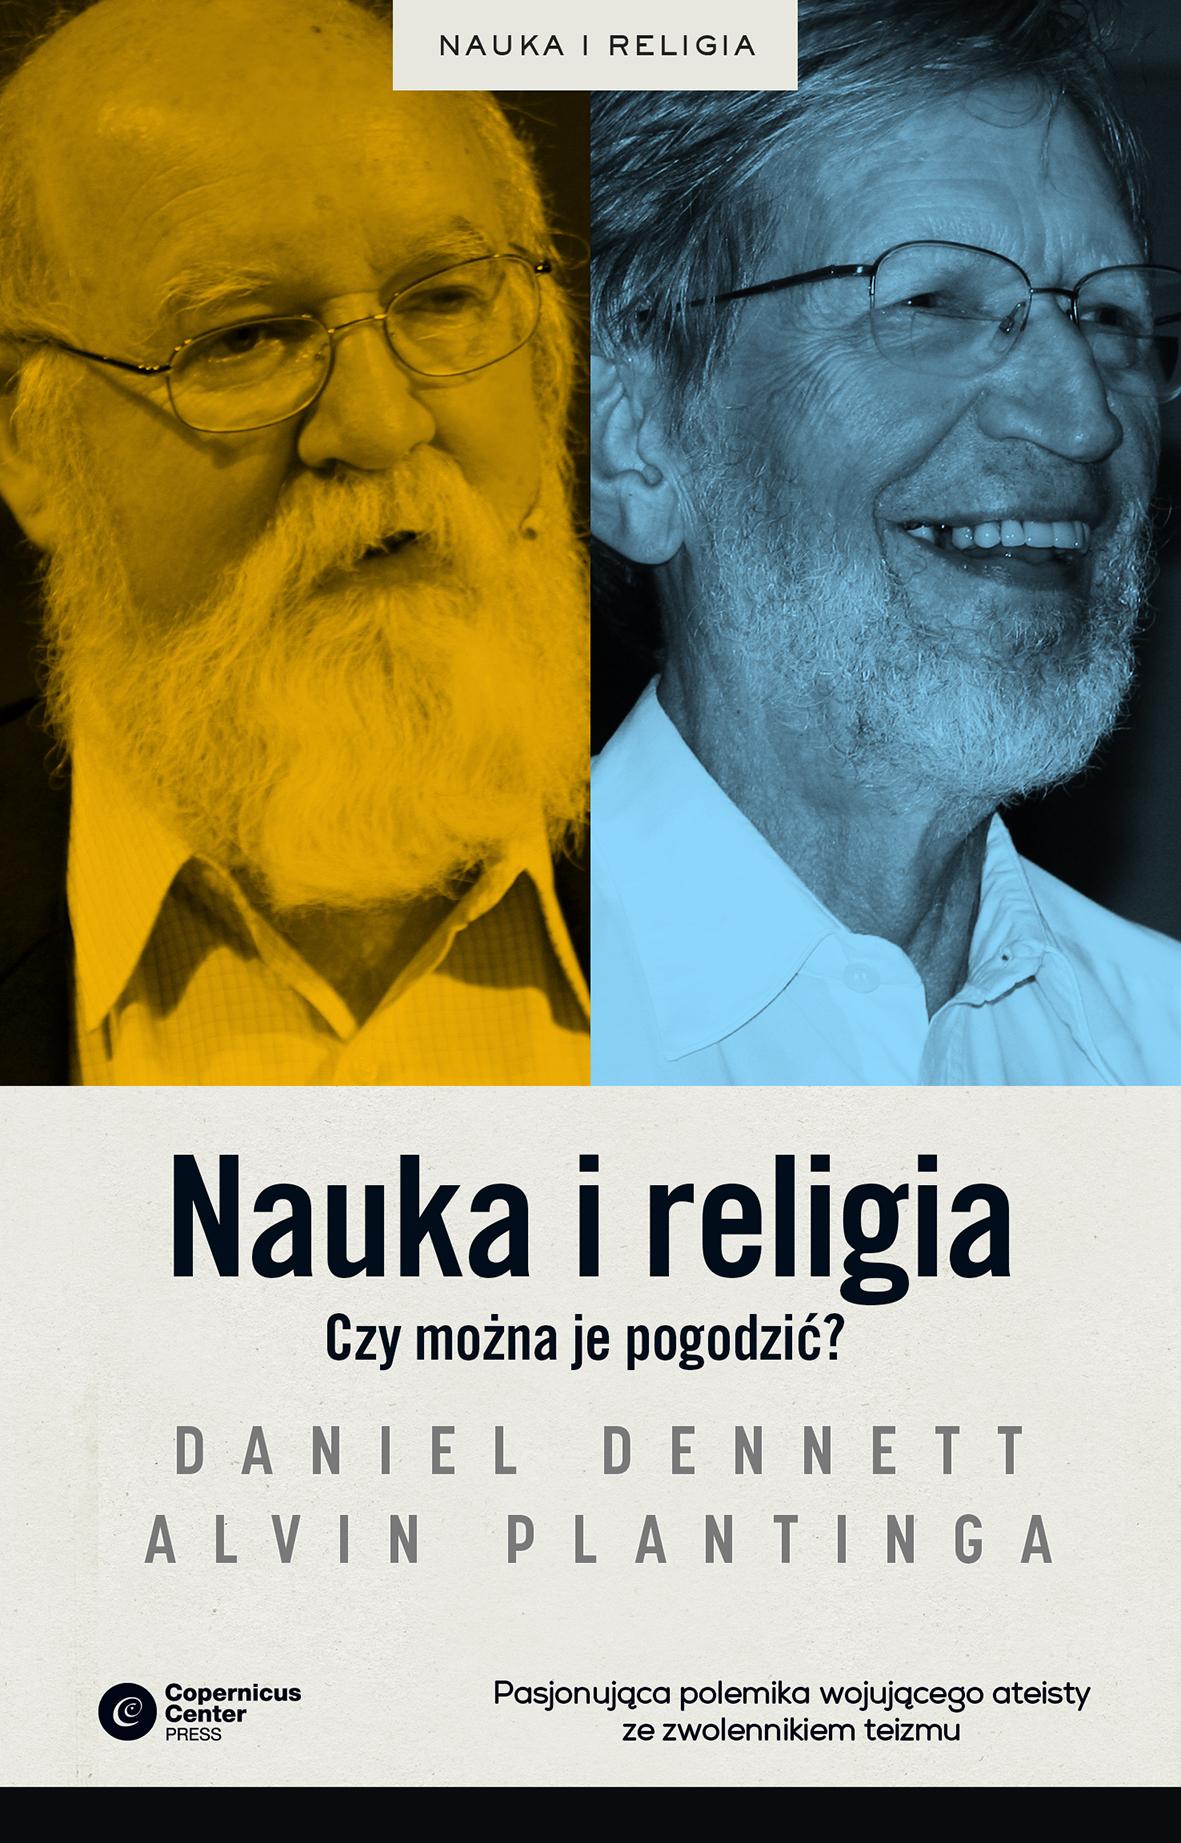 Nauka i religia. Czy można je pogodzić?